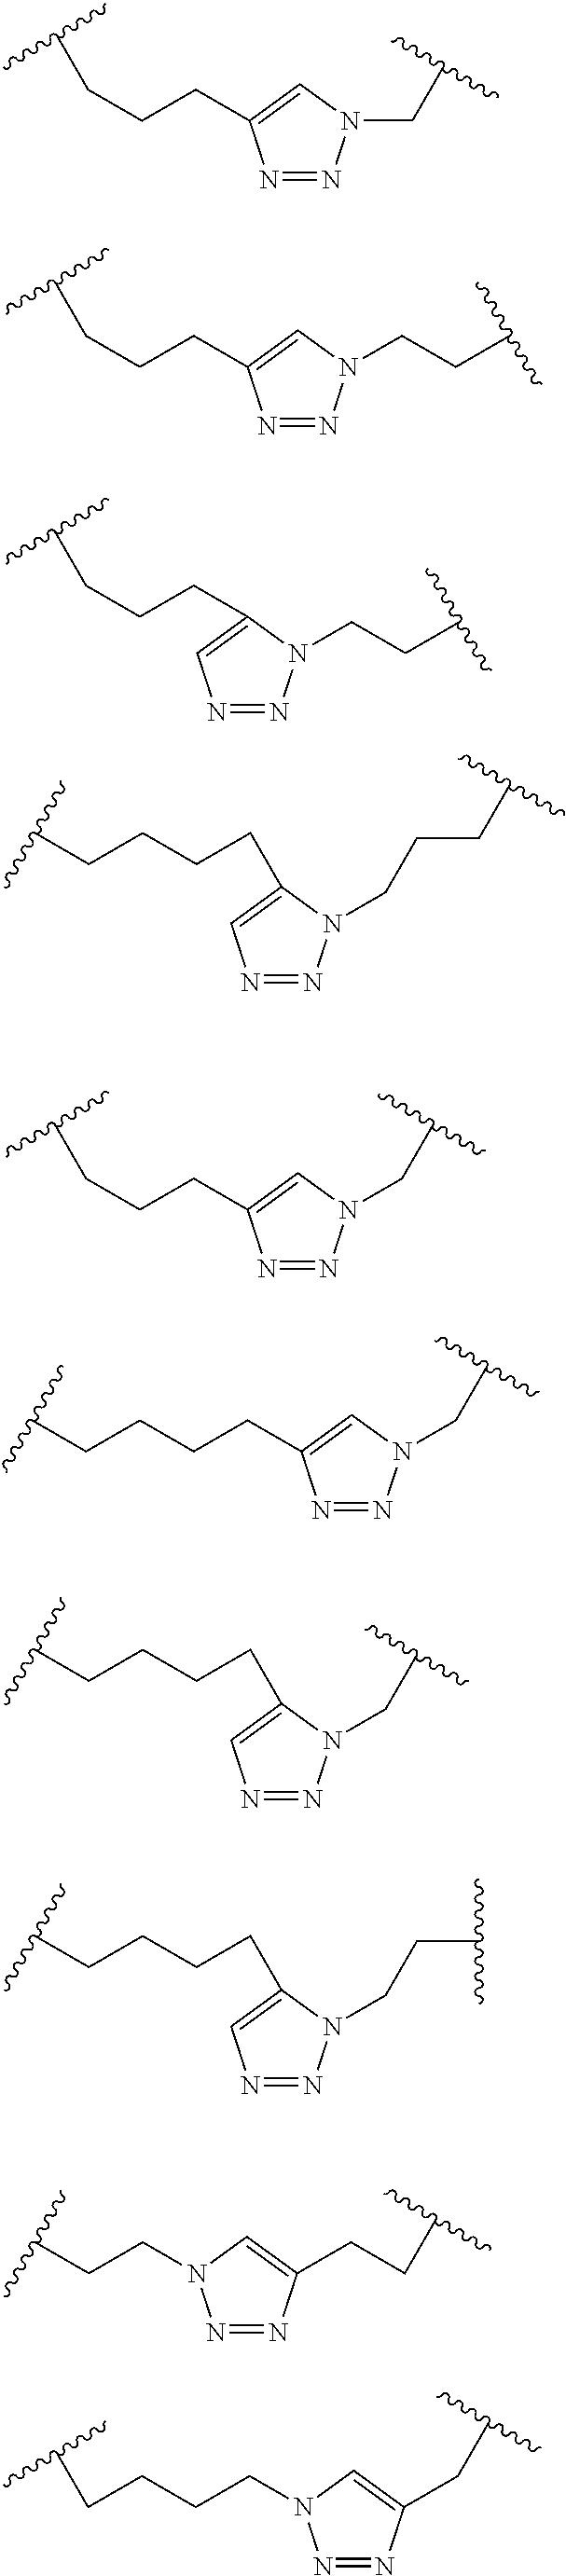 Figure US09782454-20171010-C00023